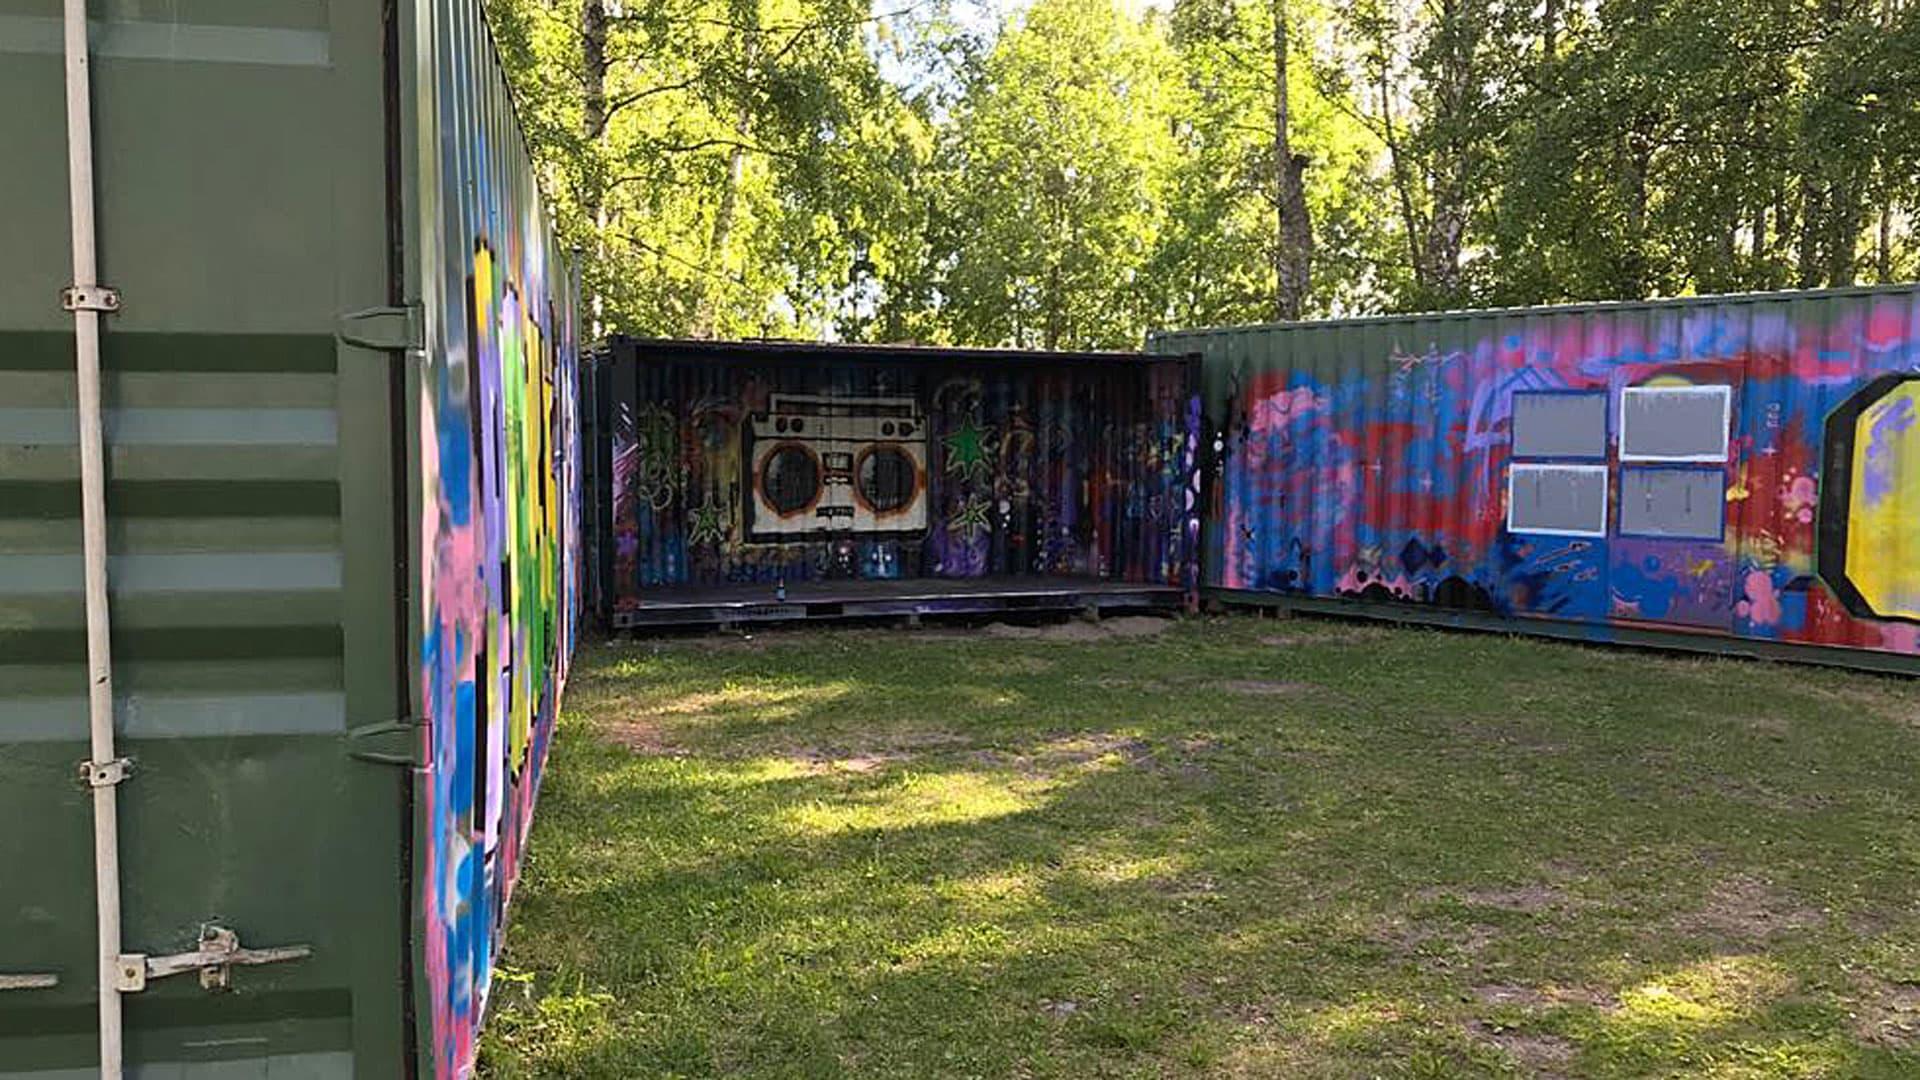 Urban parkissa on tilaa muun muassa esiintyjille.